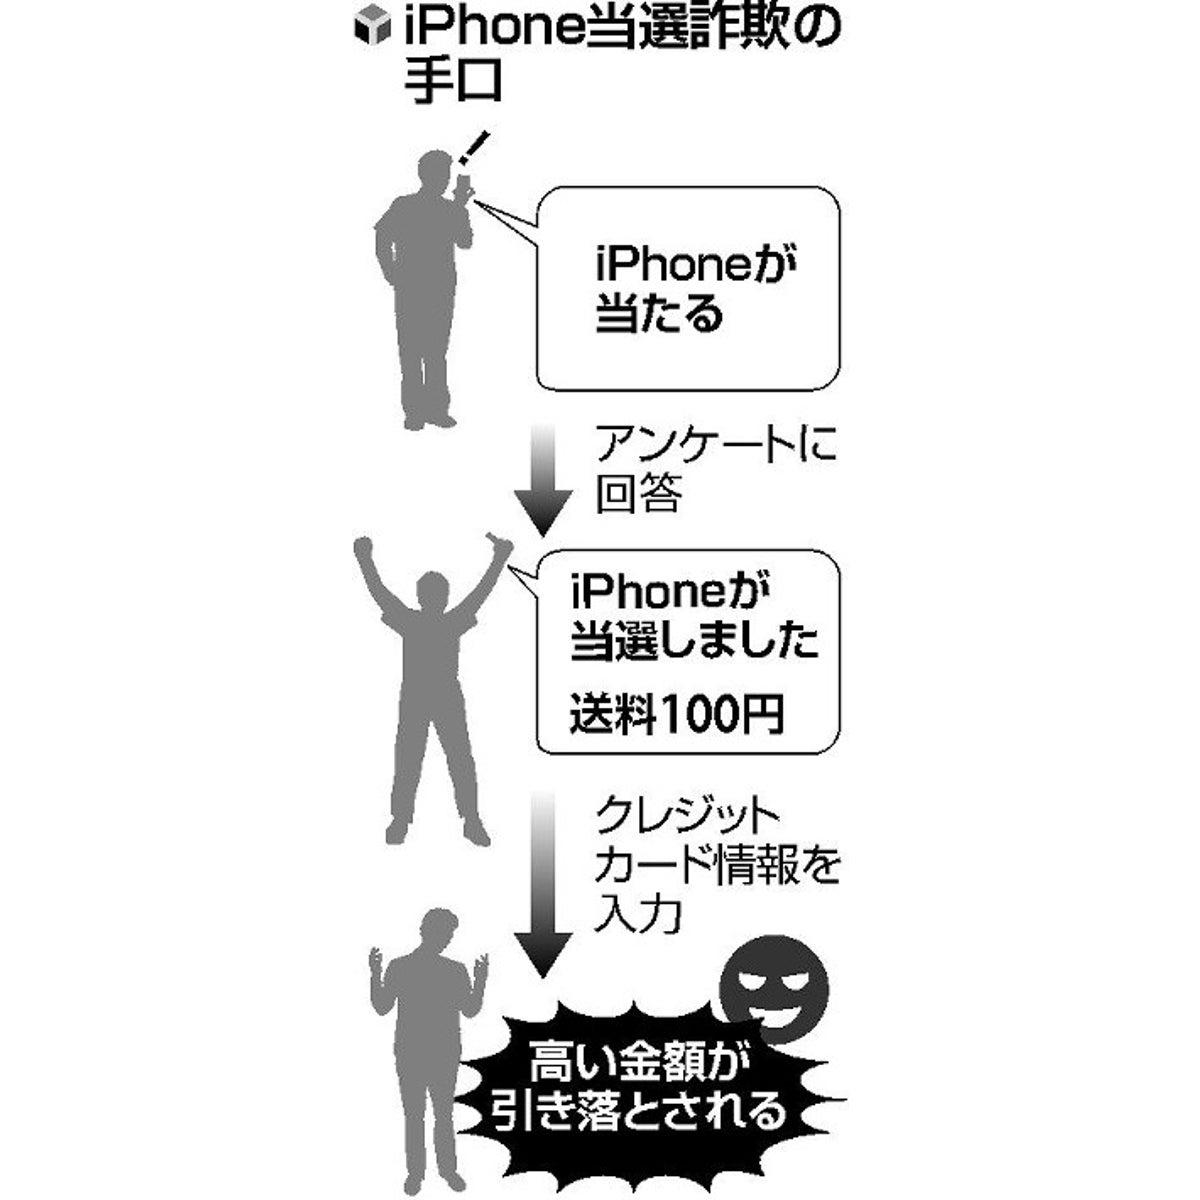 しまっ た Iphone し 円 入力 100 て